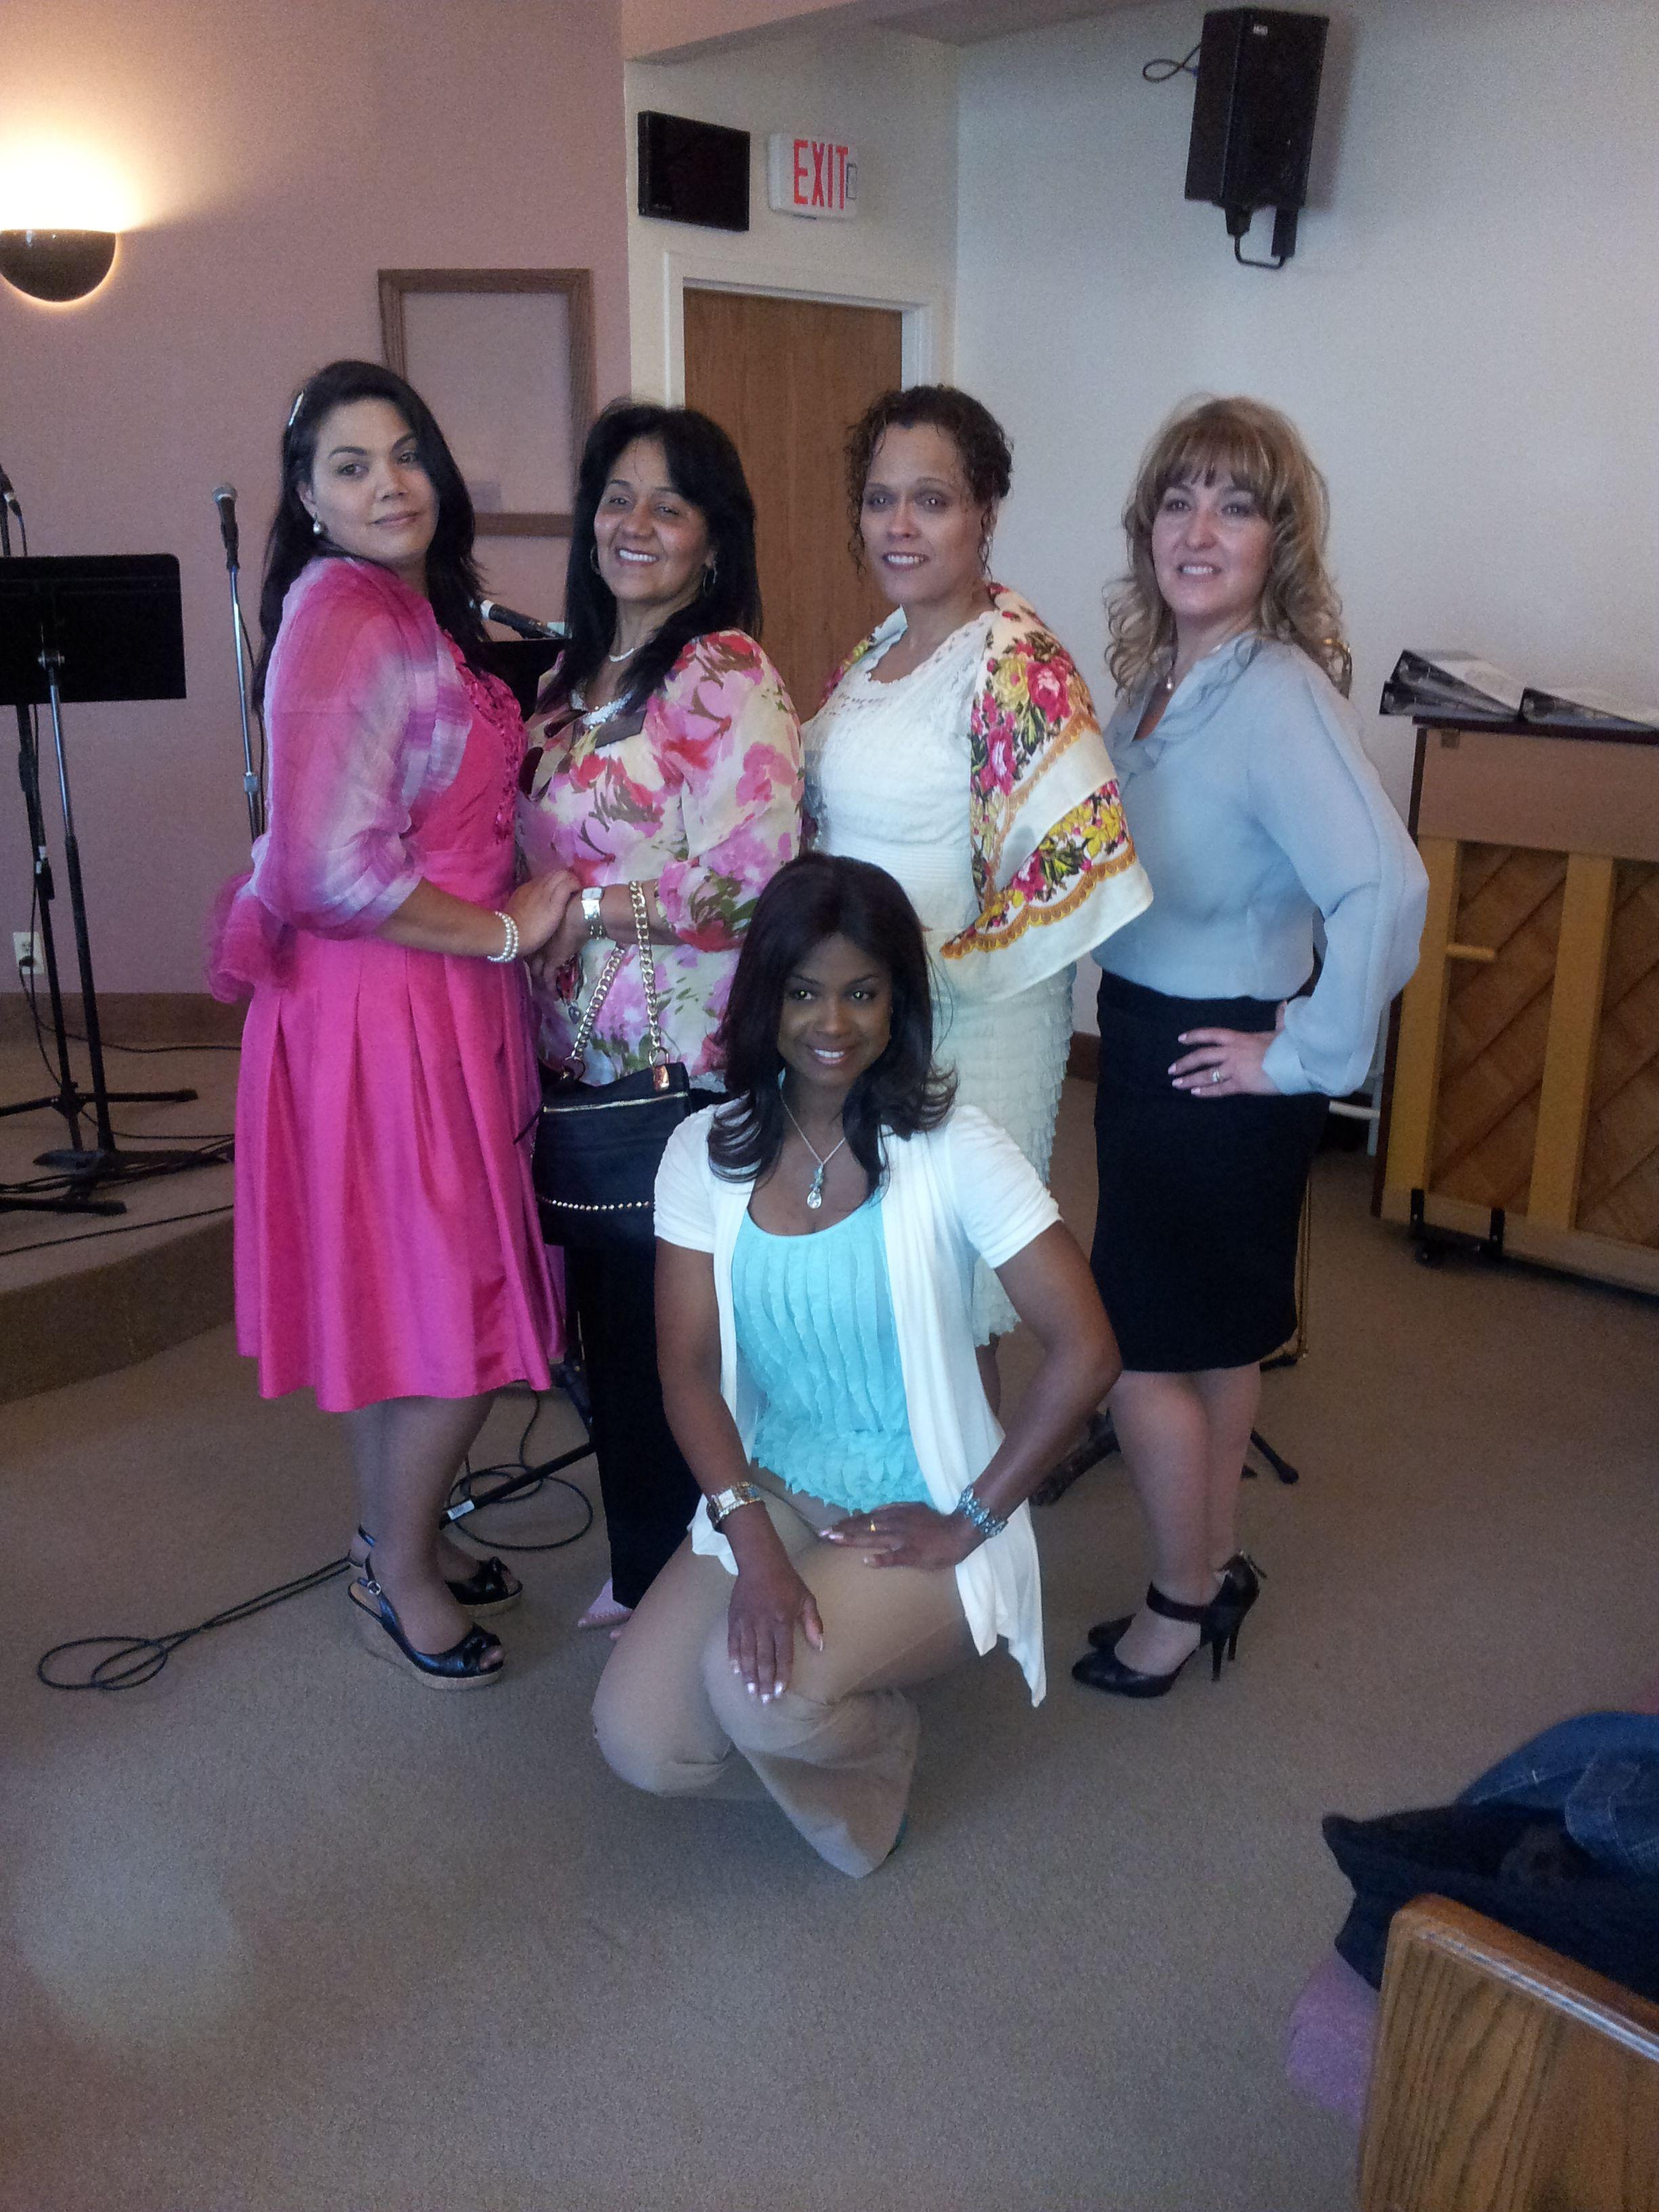 con las amigas de izquierda a derecha  Alisa, Ruth, Mimi, Sandra